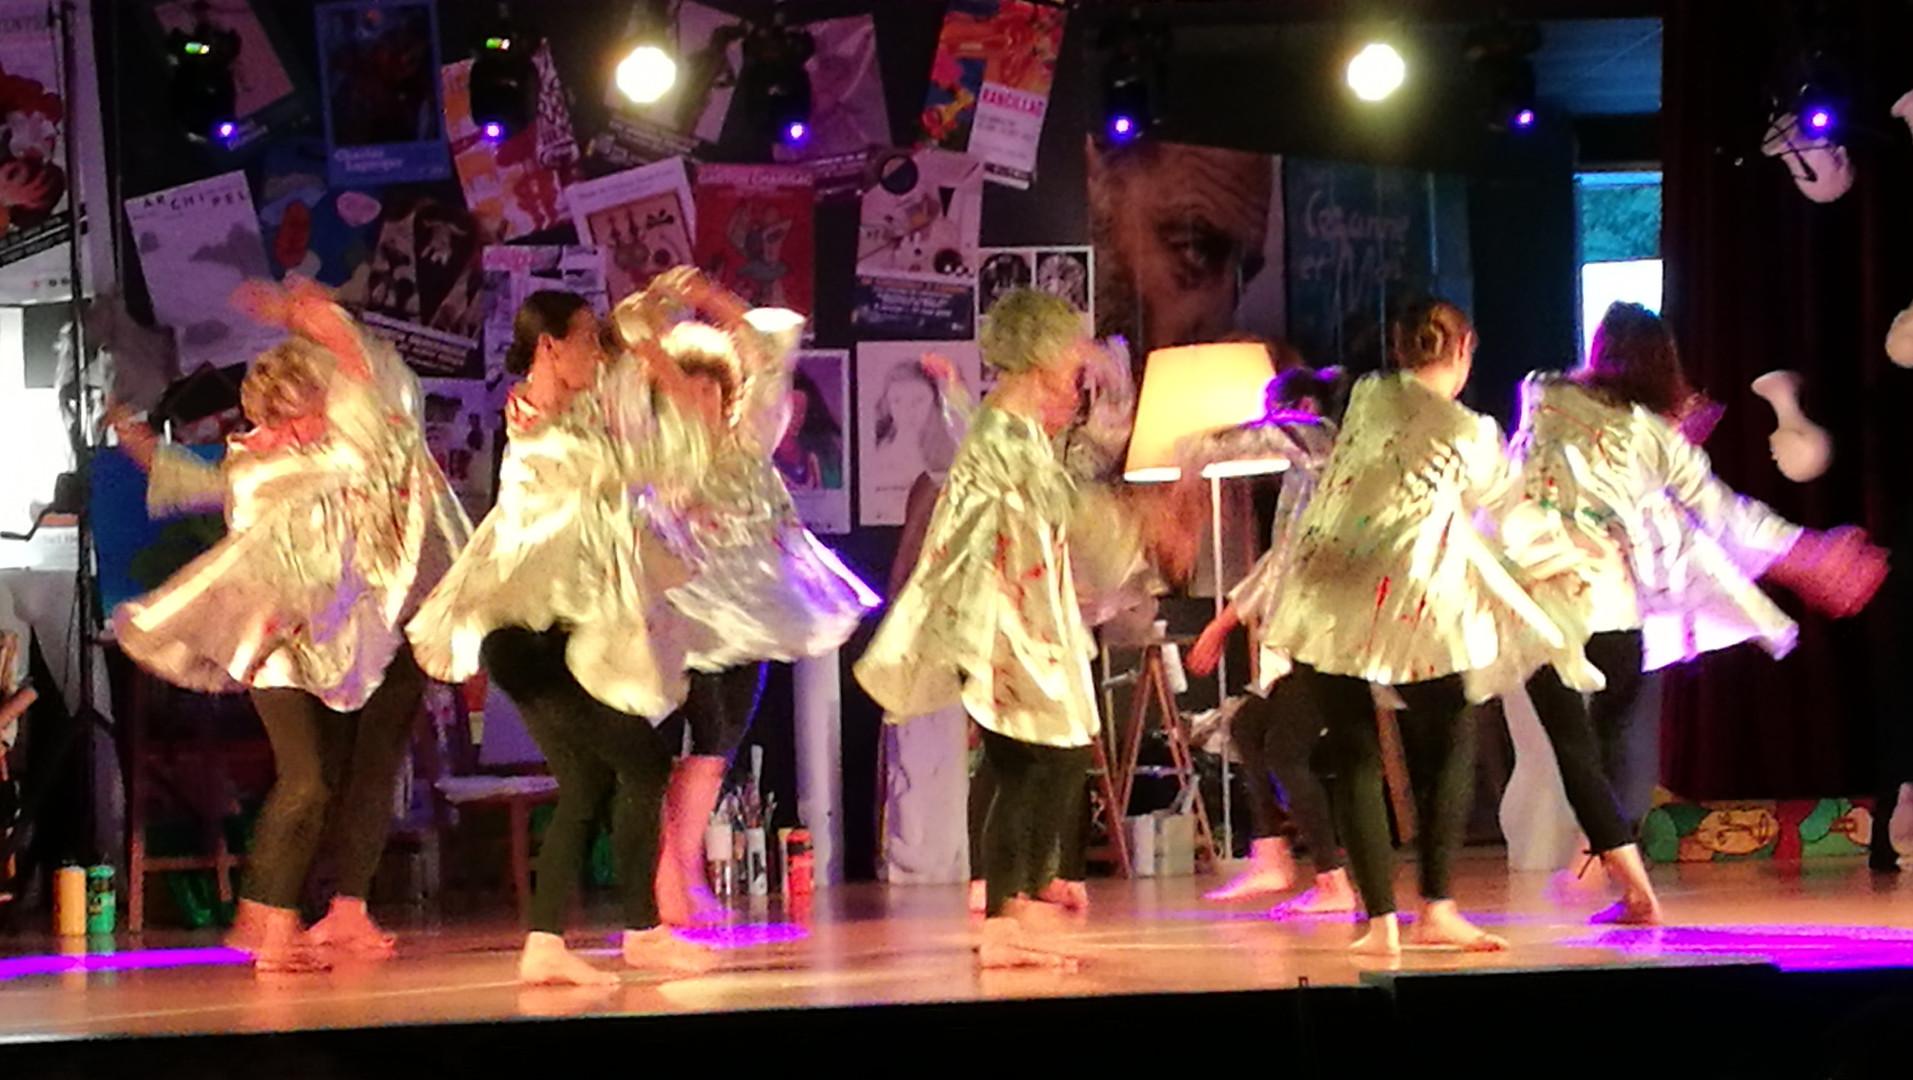 2018-06-16-21h28m03 Danse dans l'Atelier.jpg